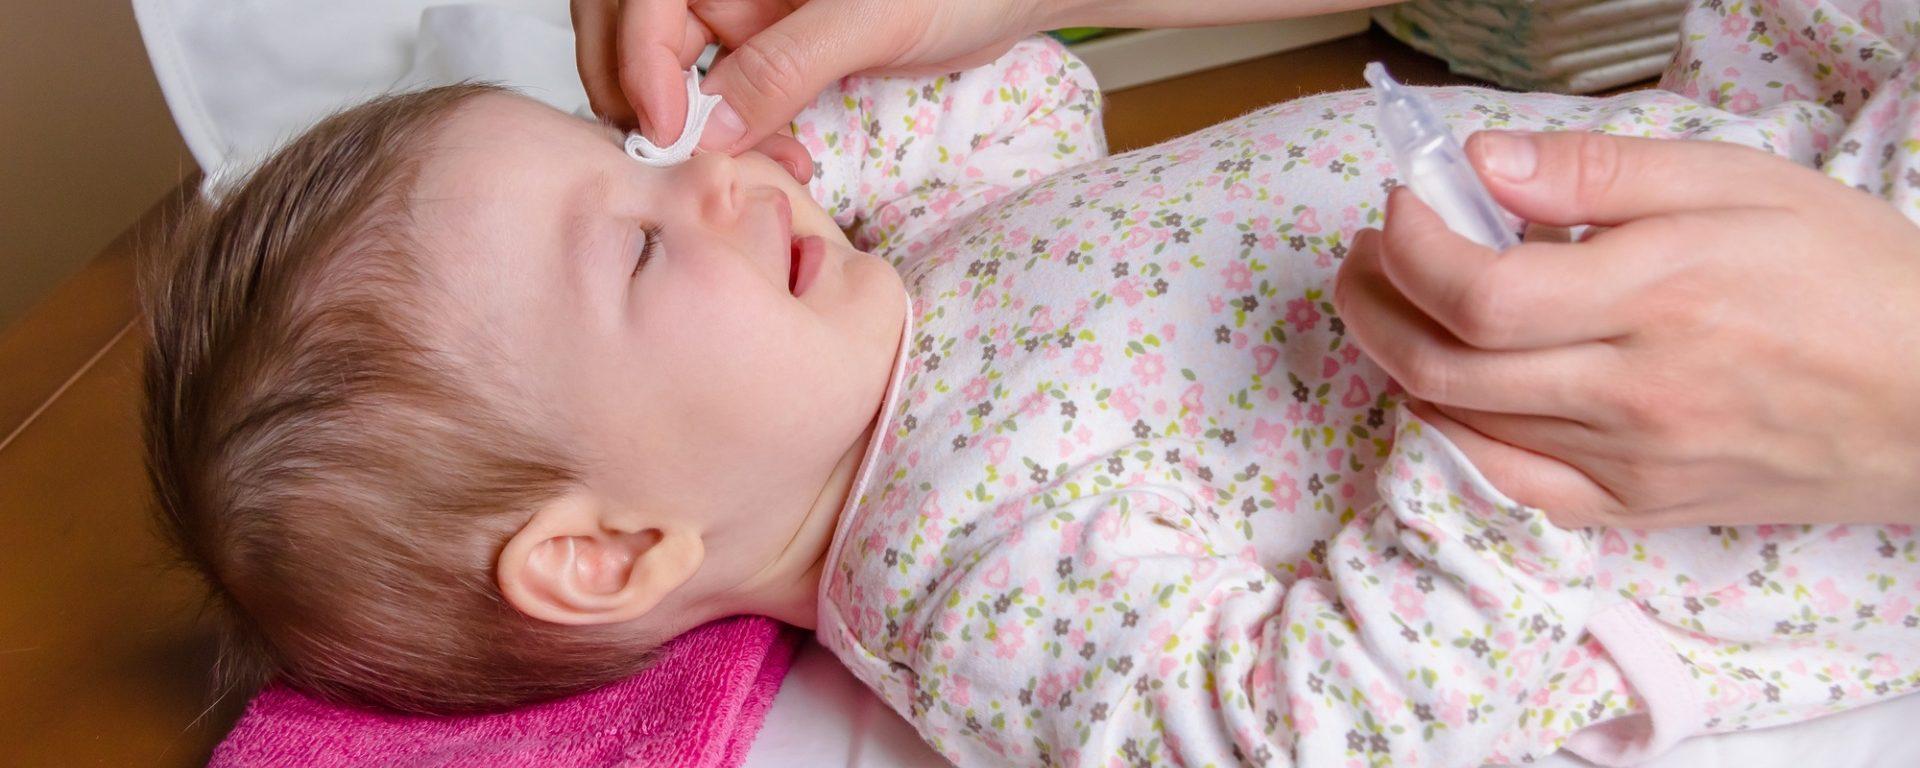 Bindehautentzündung – Eine Krankheit, die ins Auge sticht